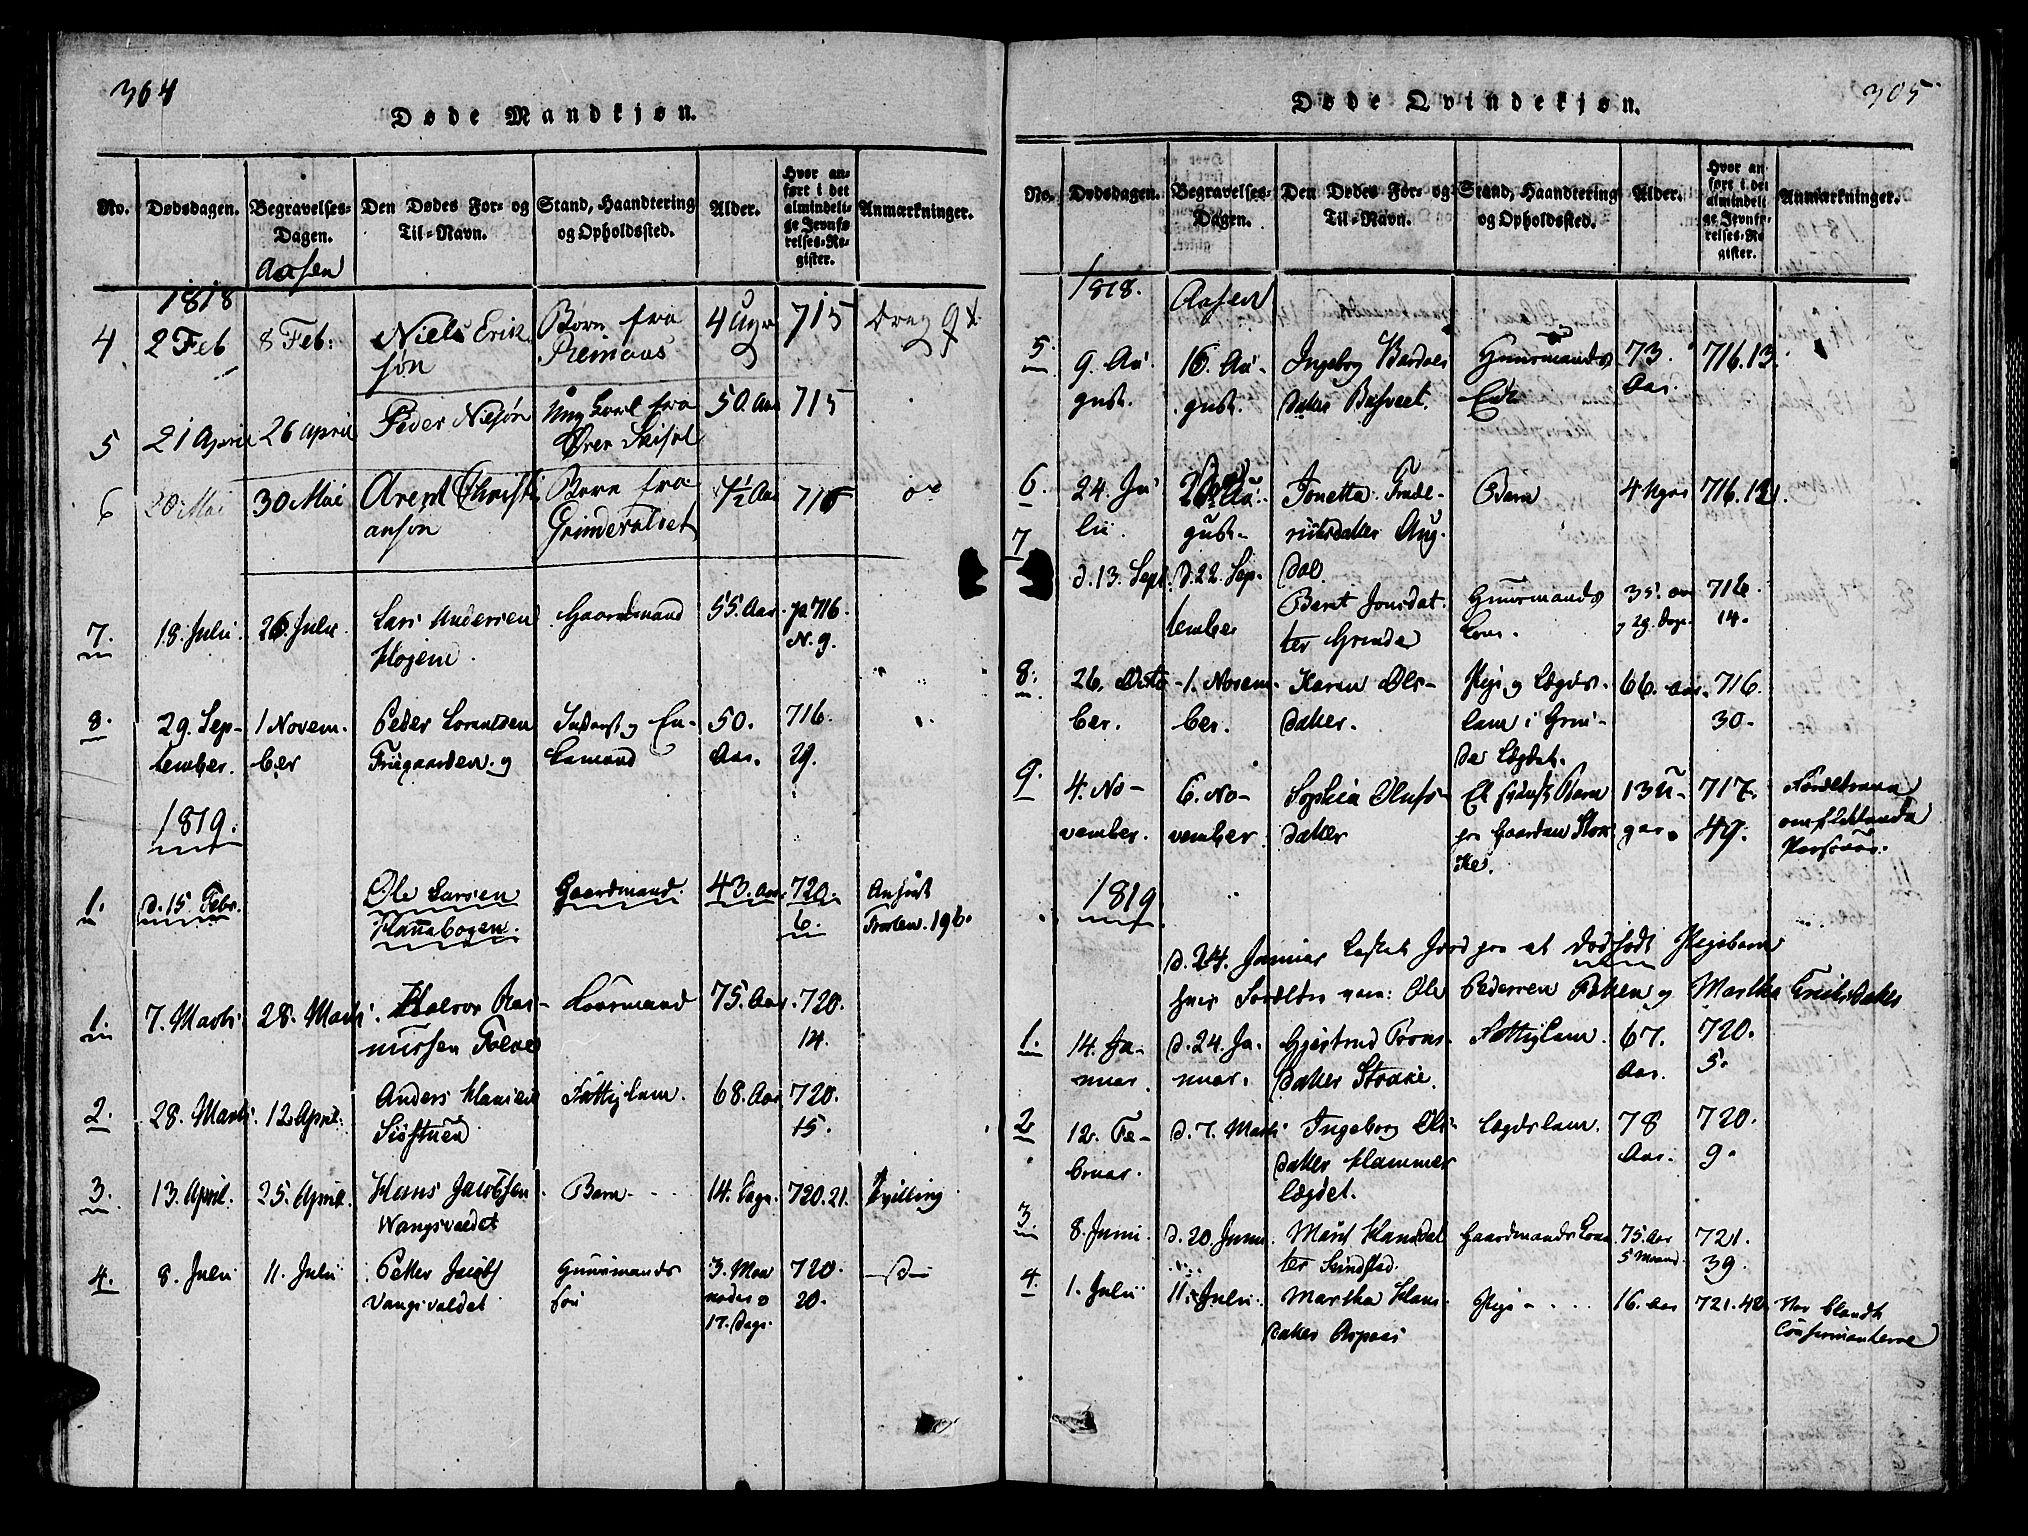 SAT, Ministerialprotokoller, klokkerbøker og fødselsregistre - Nord-Trøndelag, 713/L0112: Ministerialbok nr. 713A04 /2, 1817-1827, s. 304-305